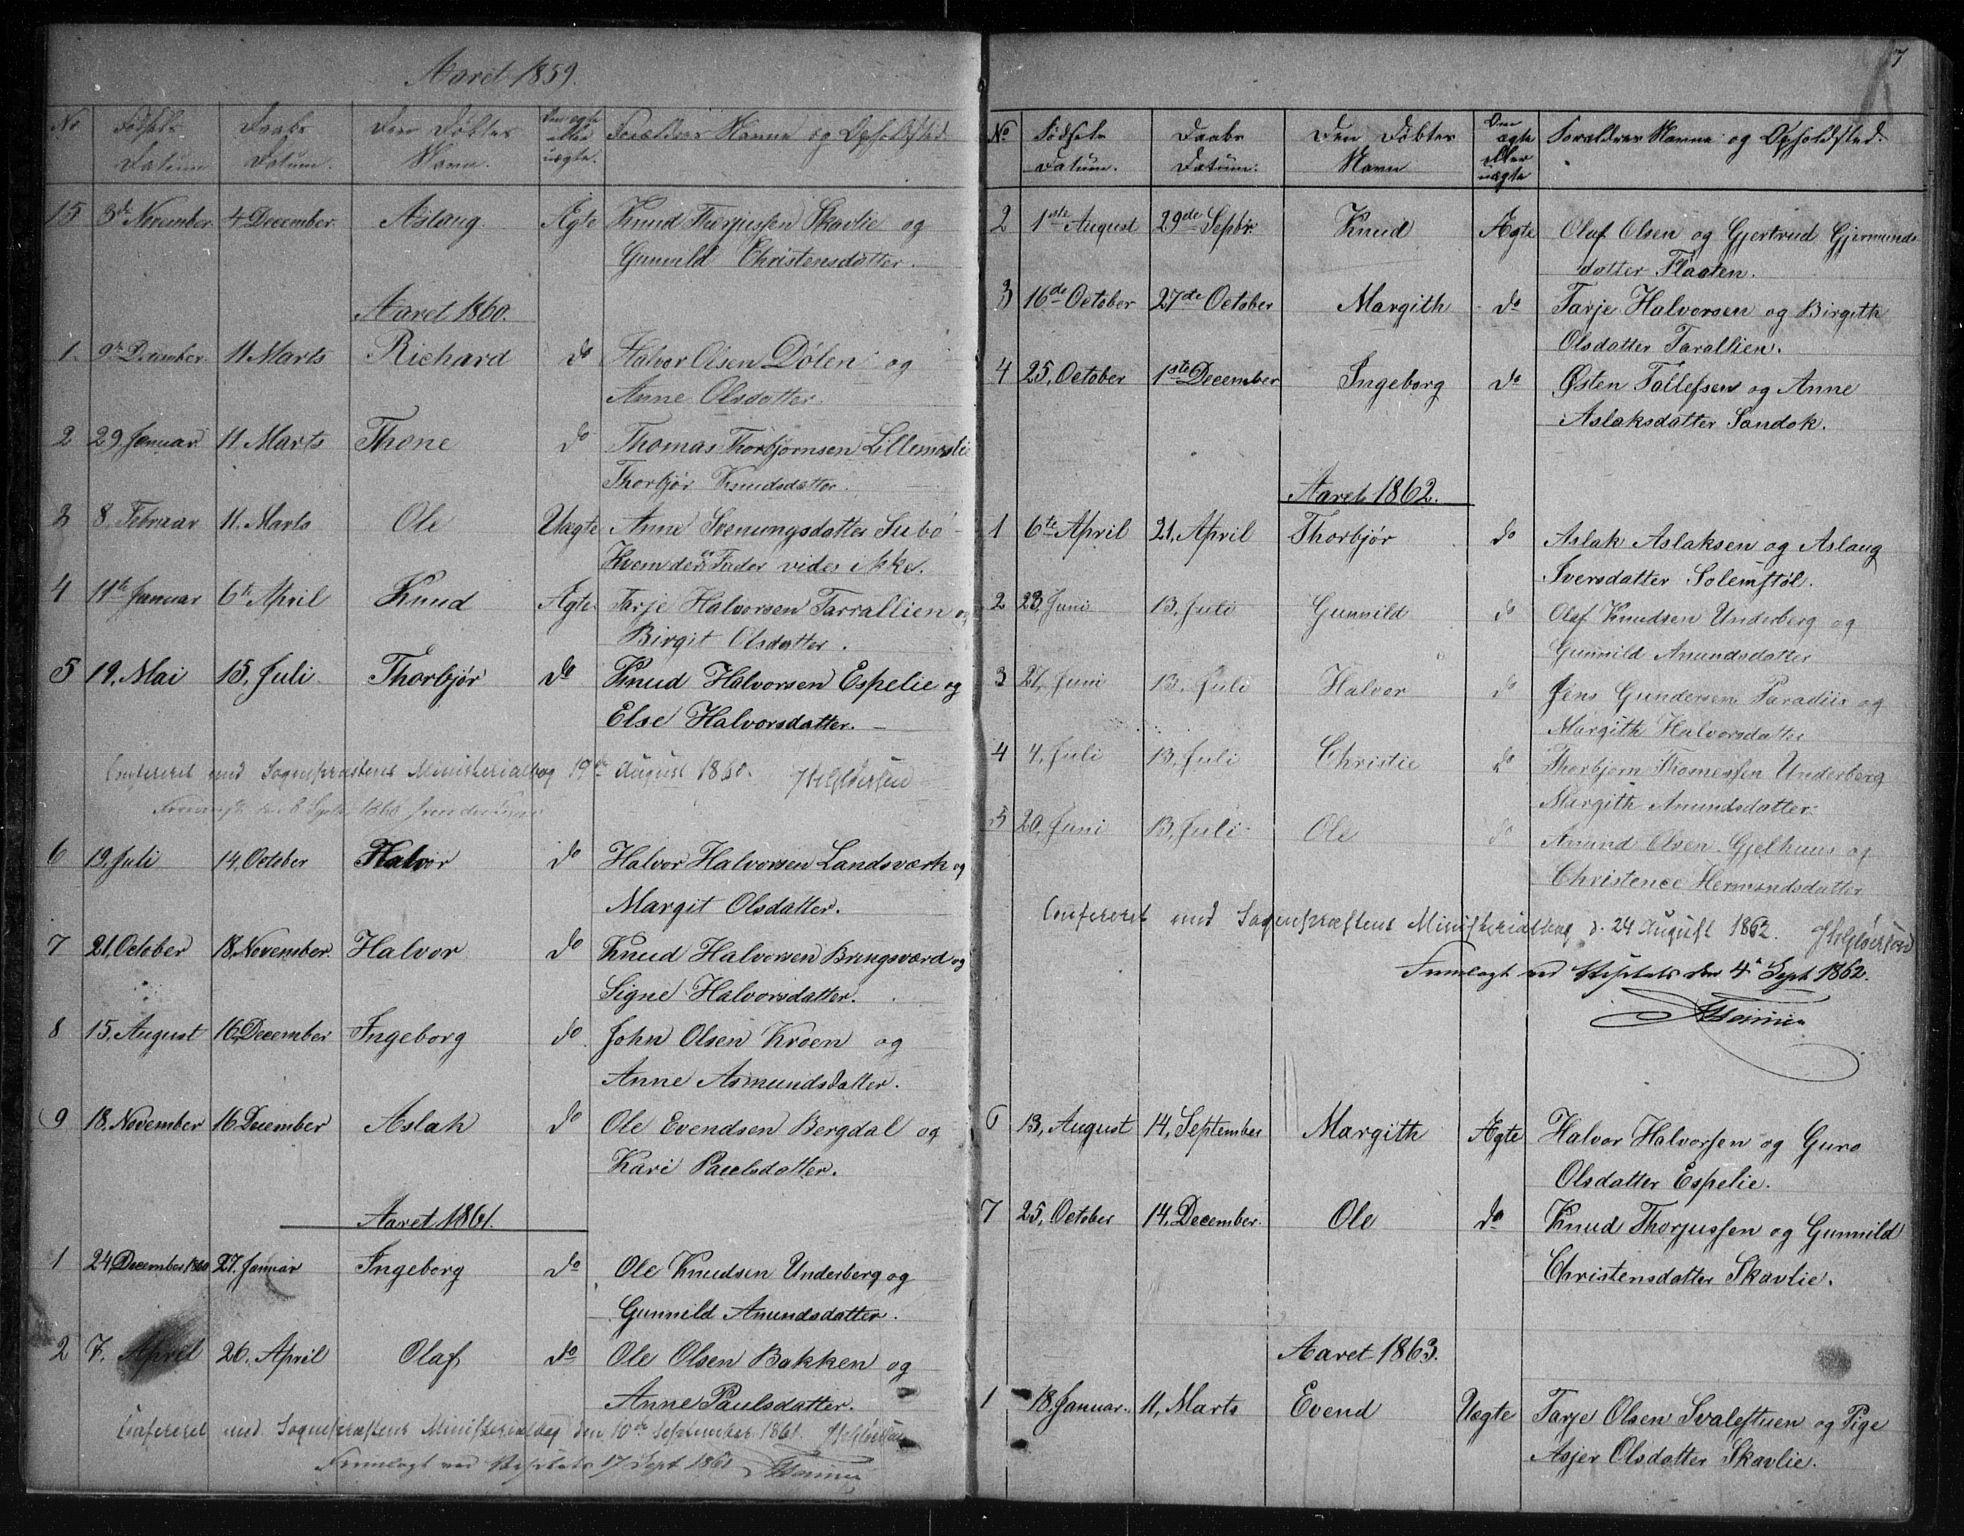 SAKO, Vinje kirkebøker, G/Gb/L0002: Klokkerbok nr. II 2, 1849-1891, s. 7